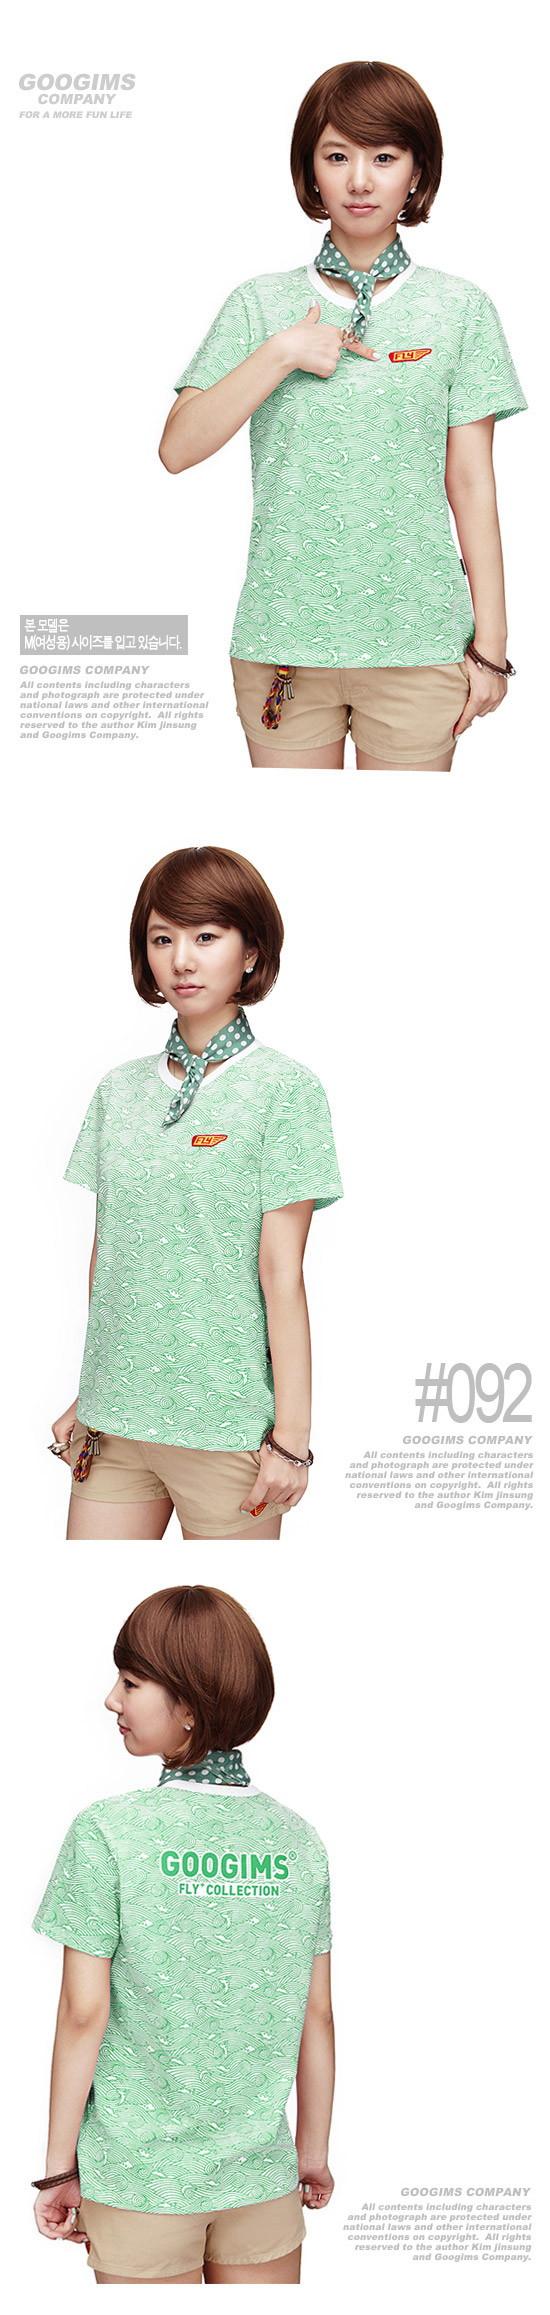 구김스 092_ 소용돌이 프린트 반팔 티셔츠 (G13MMRT404) - 구김스, 12,900원, 스트릿패션, 디자인반팔티셔츠